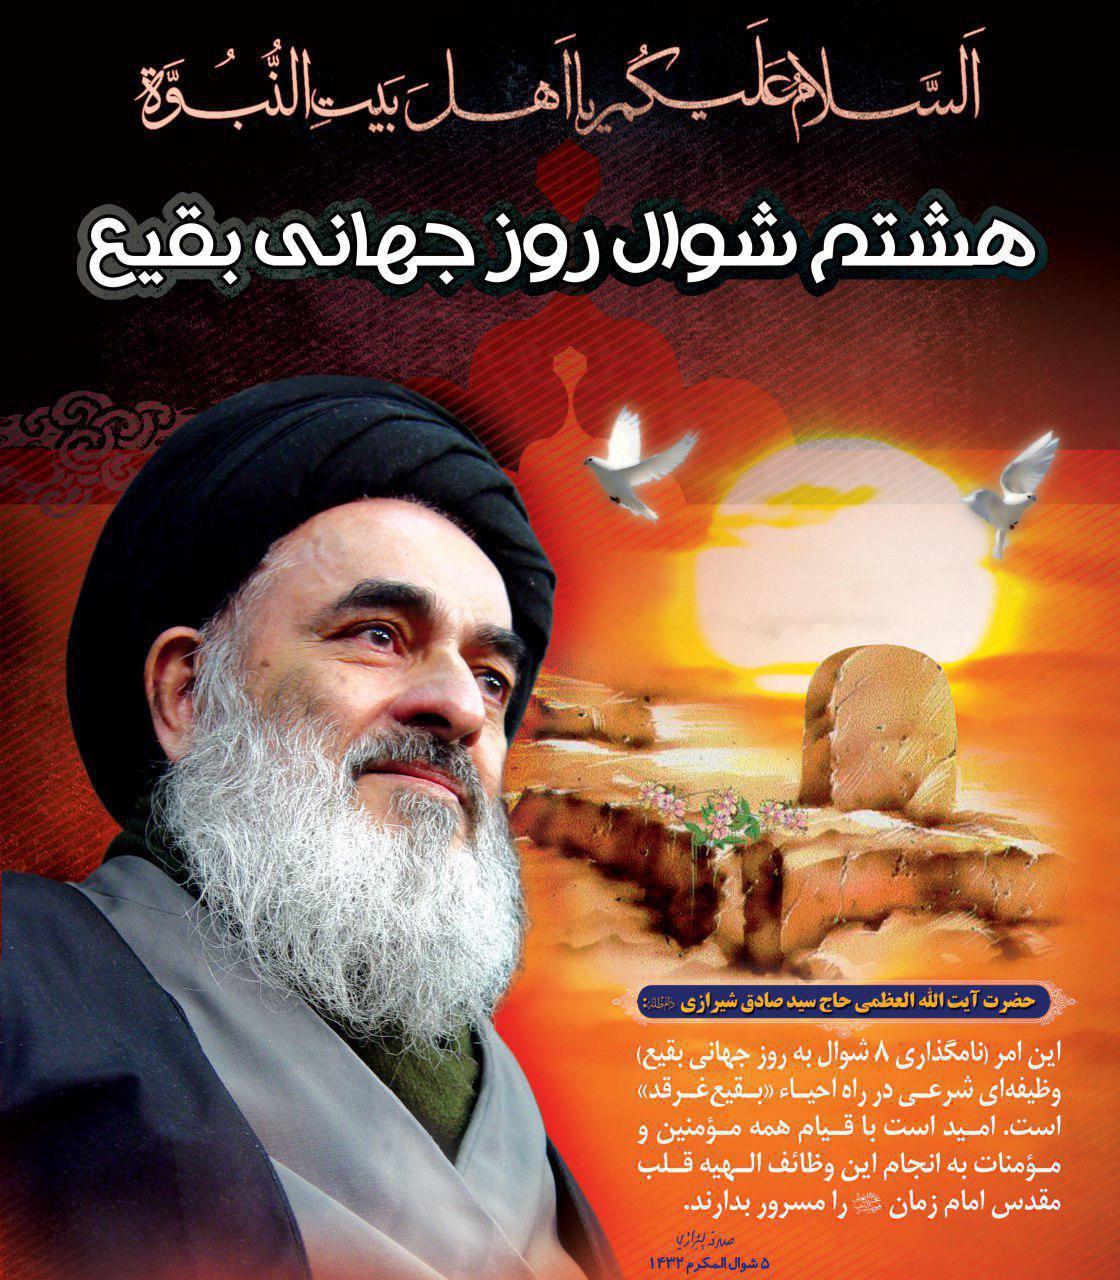 تصویر آمادگی شیعیان برای برگزاری روز جهانی بقیع